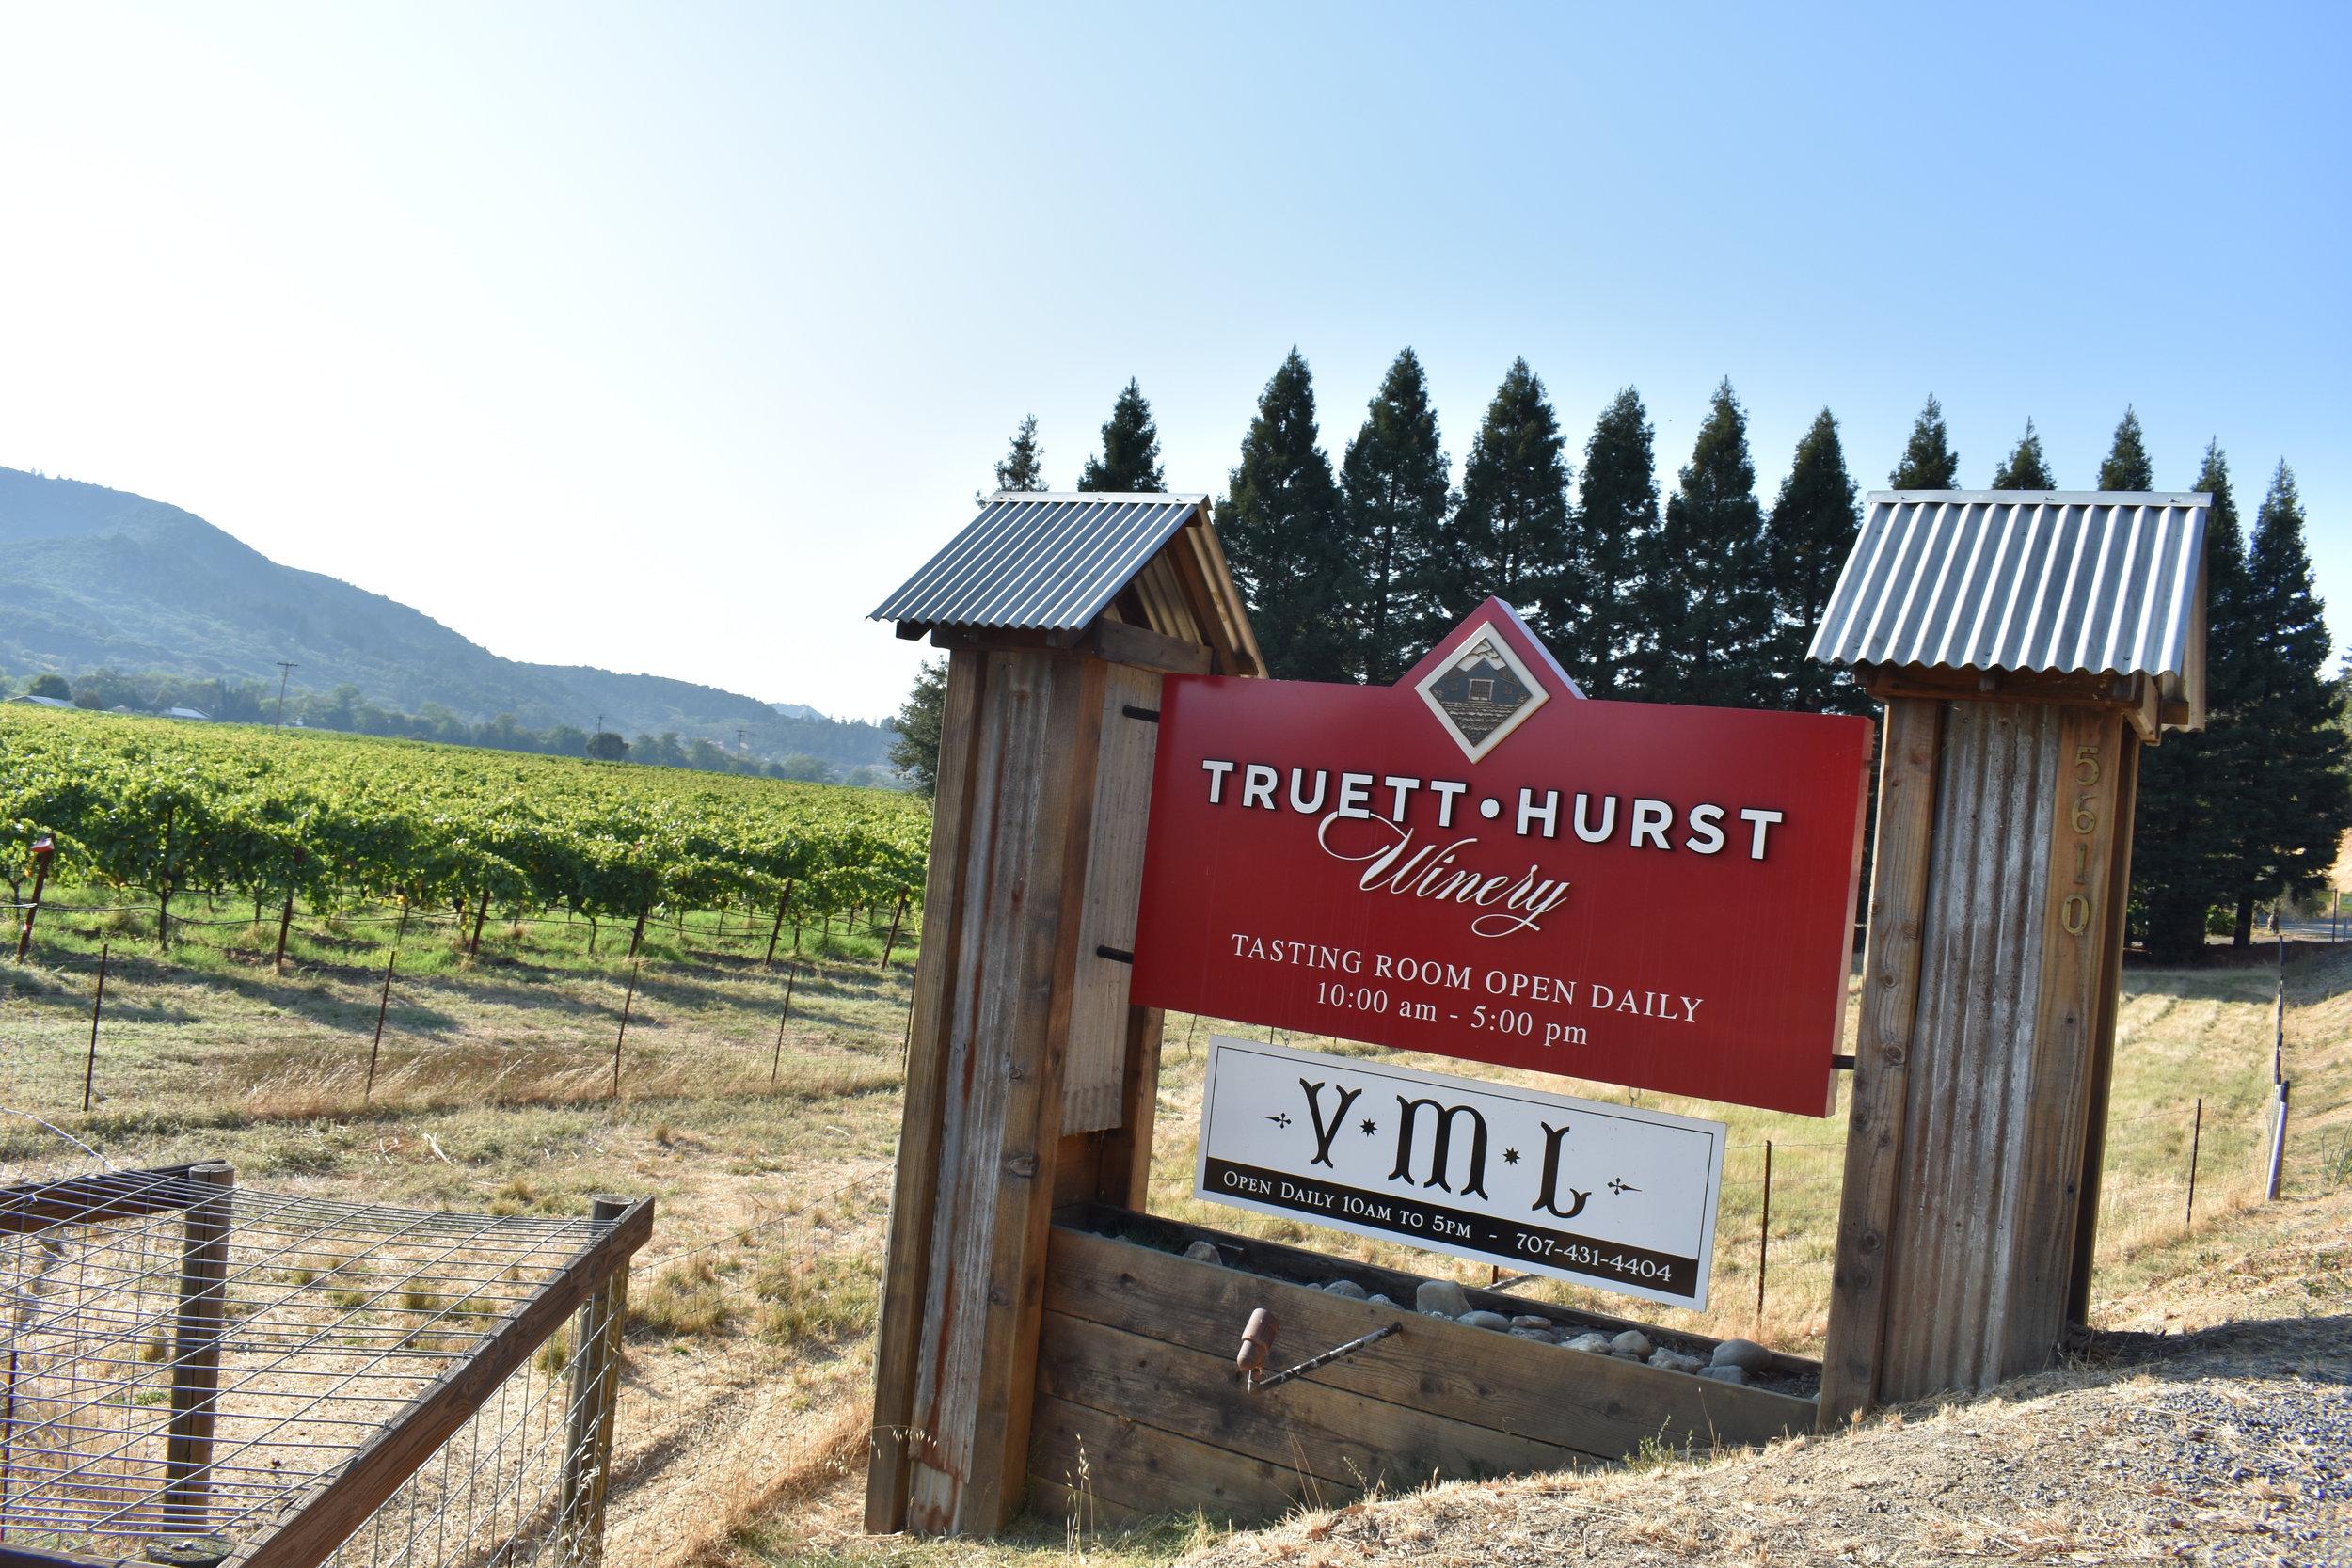 Entrada dos vinhedos VML e Truett Hurst, é aqui que finalizo a minha degustação